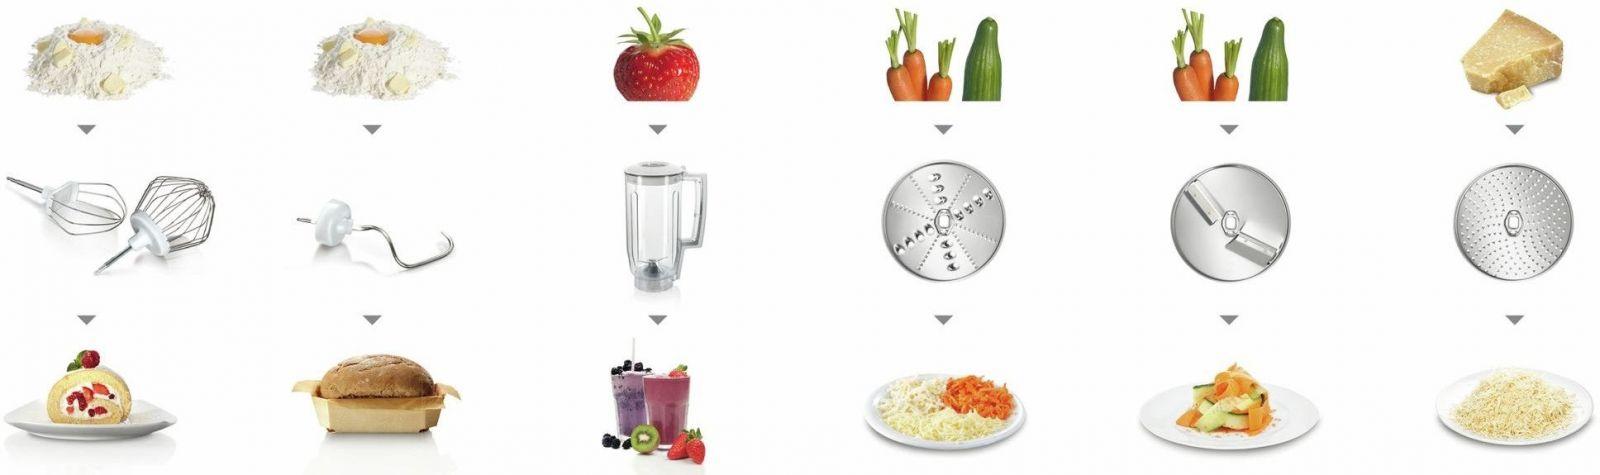 Przykładowe posiłki, które możemy przygotować przy pomocy bogatej gamy akcesoriów do serii robotów kuchennych Bosch MUM 5